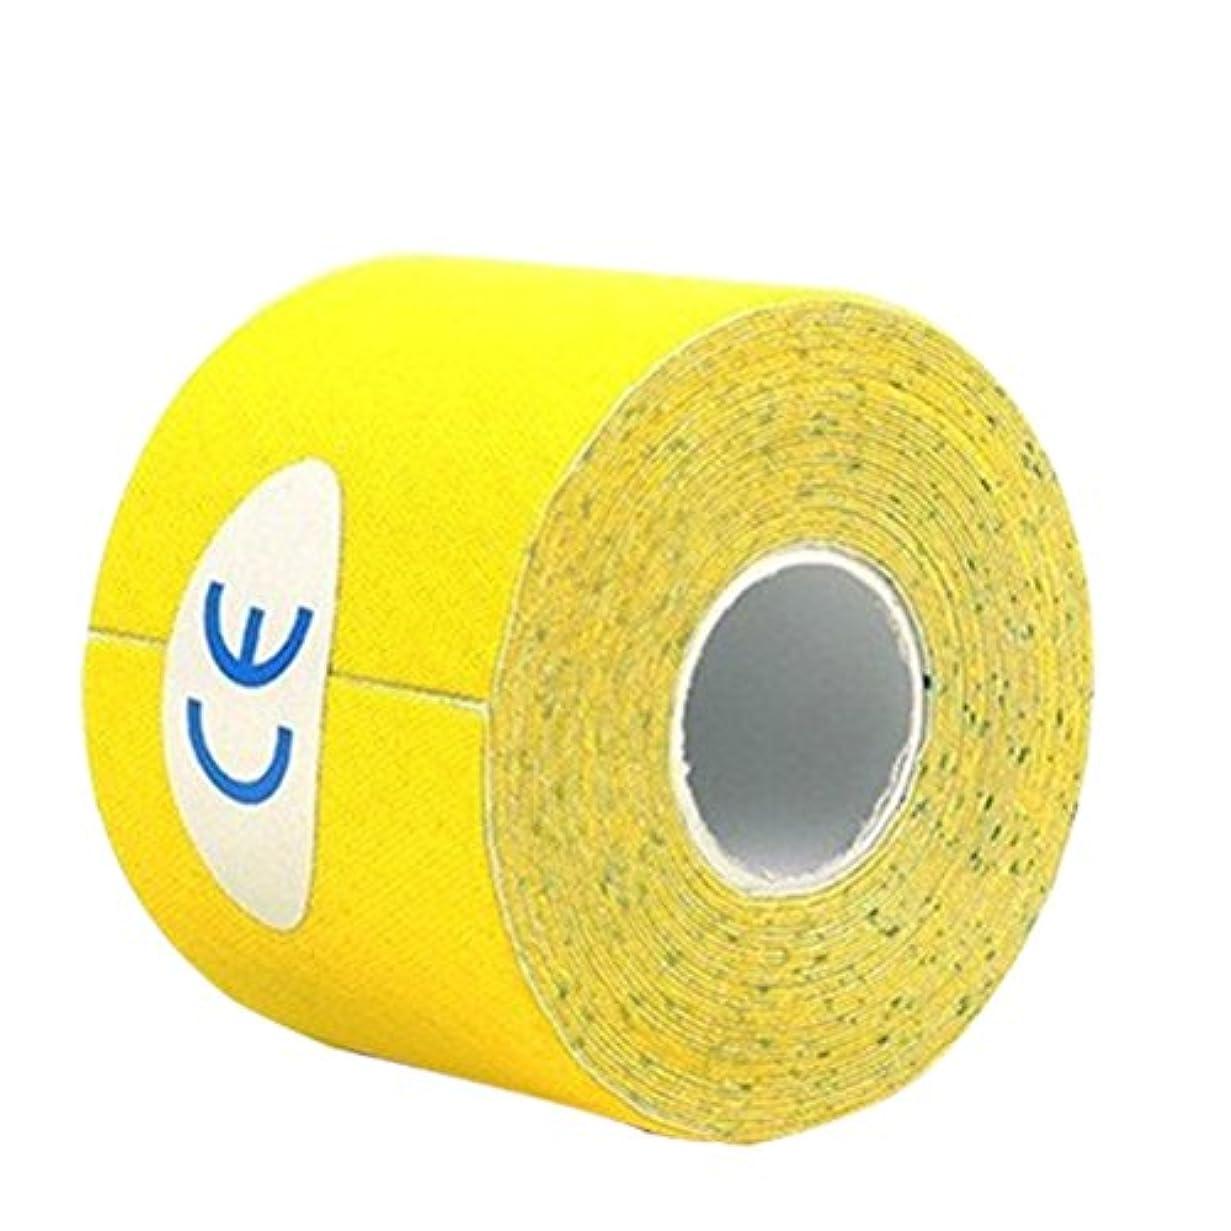 匿名寸前コモランマROSENICE キネシオロジーテープセットセラピースポーツフィジオセラピー500x2.5cm(イエロー)